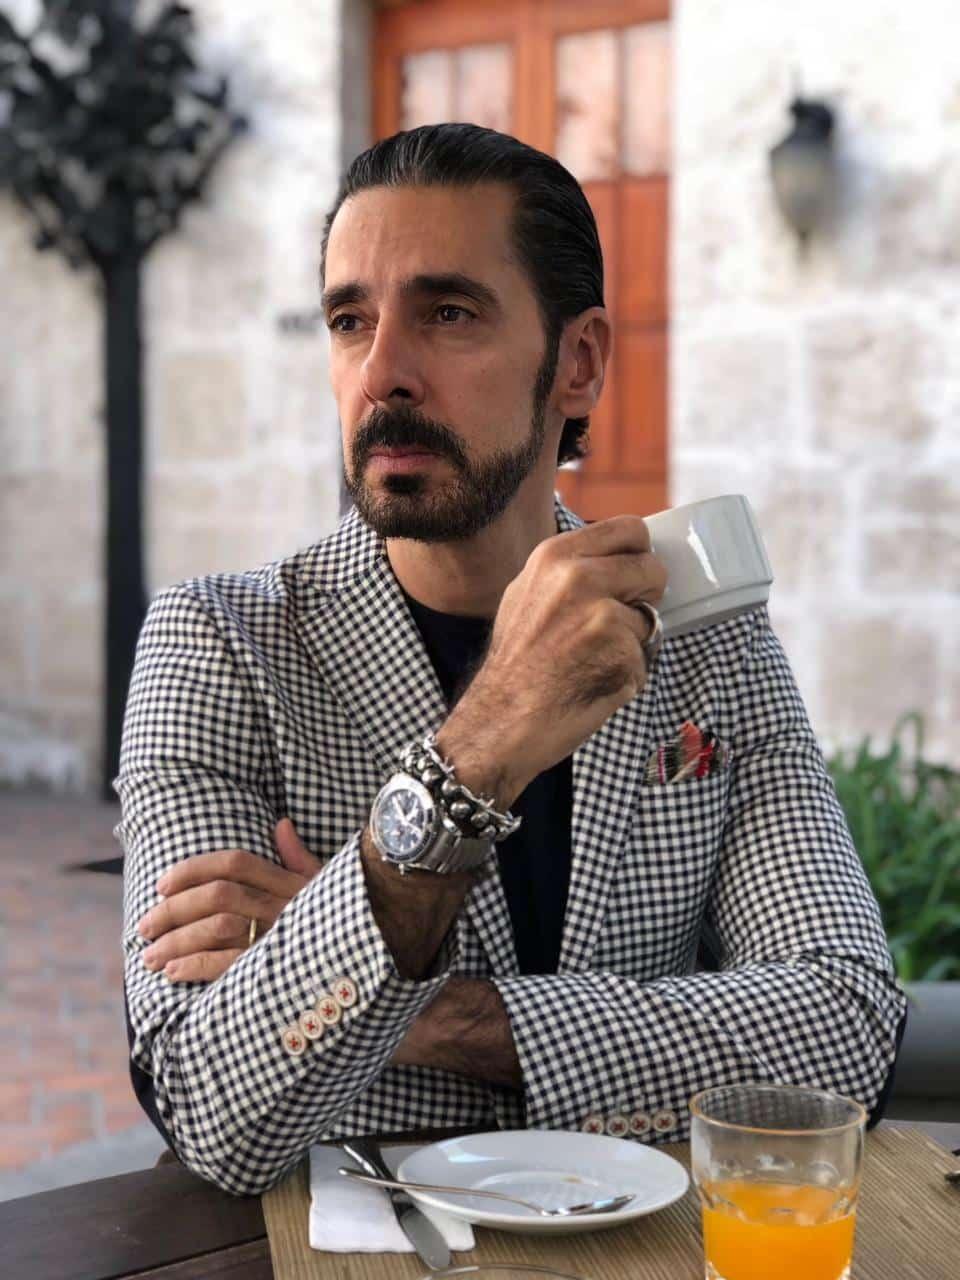 Alexandre Taleb, consultor de imagem farápalestra inédita em Montes Claros